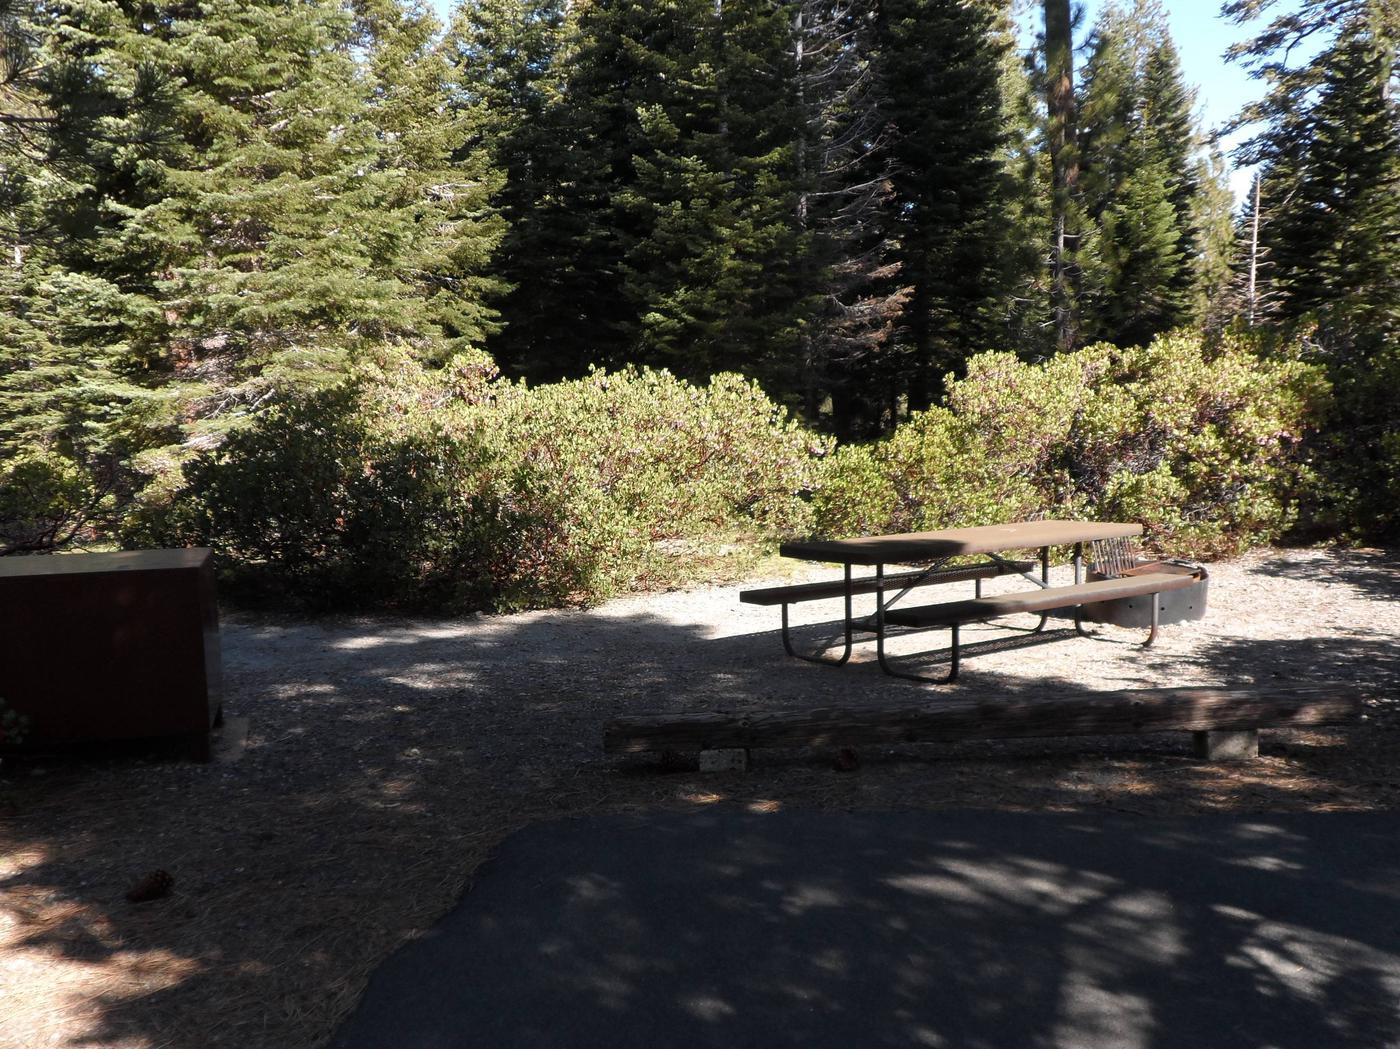 D1Manzanita Lake Campground, Loop D, Site D1